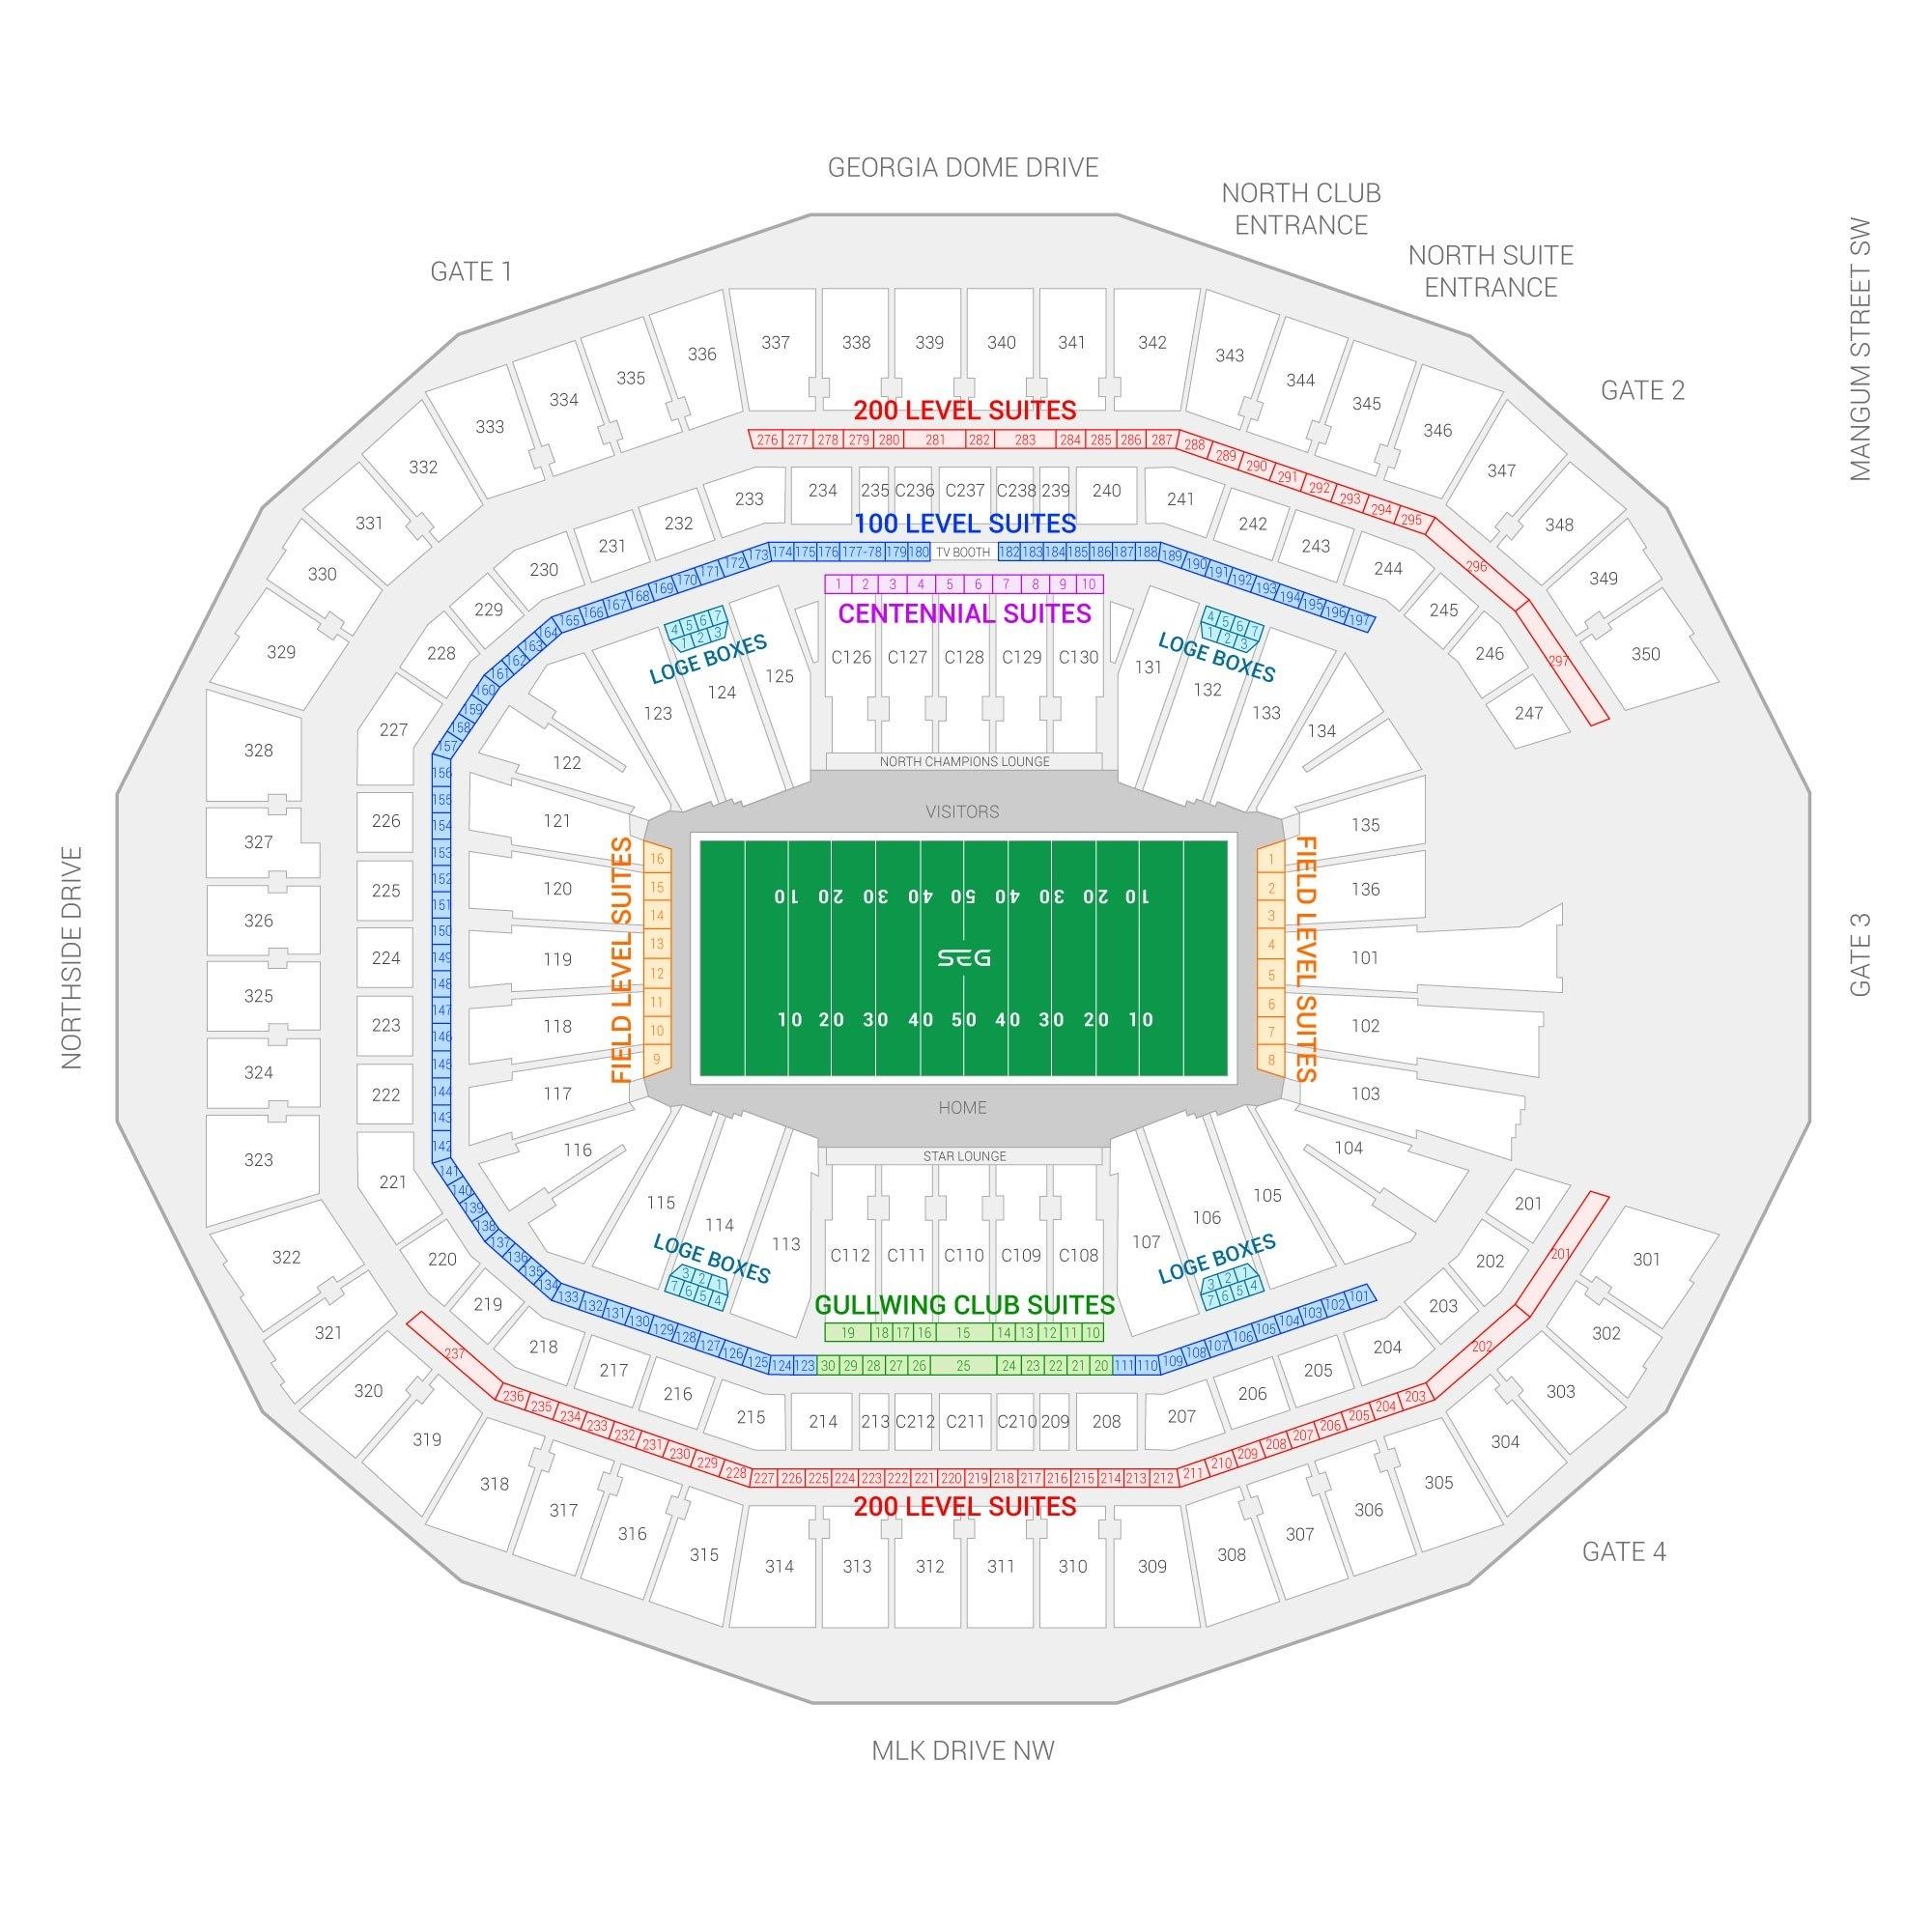 Super Bowl Liii Suite Rentals | Mercedes-Benz Stadium in Minimum Seating Capacity For Super Bowl